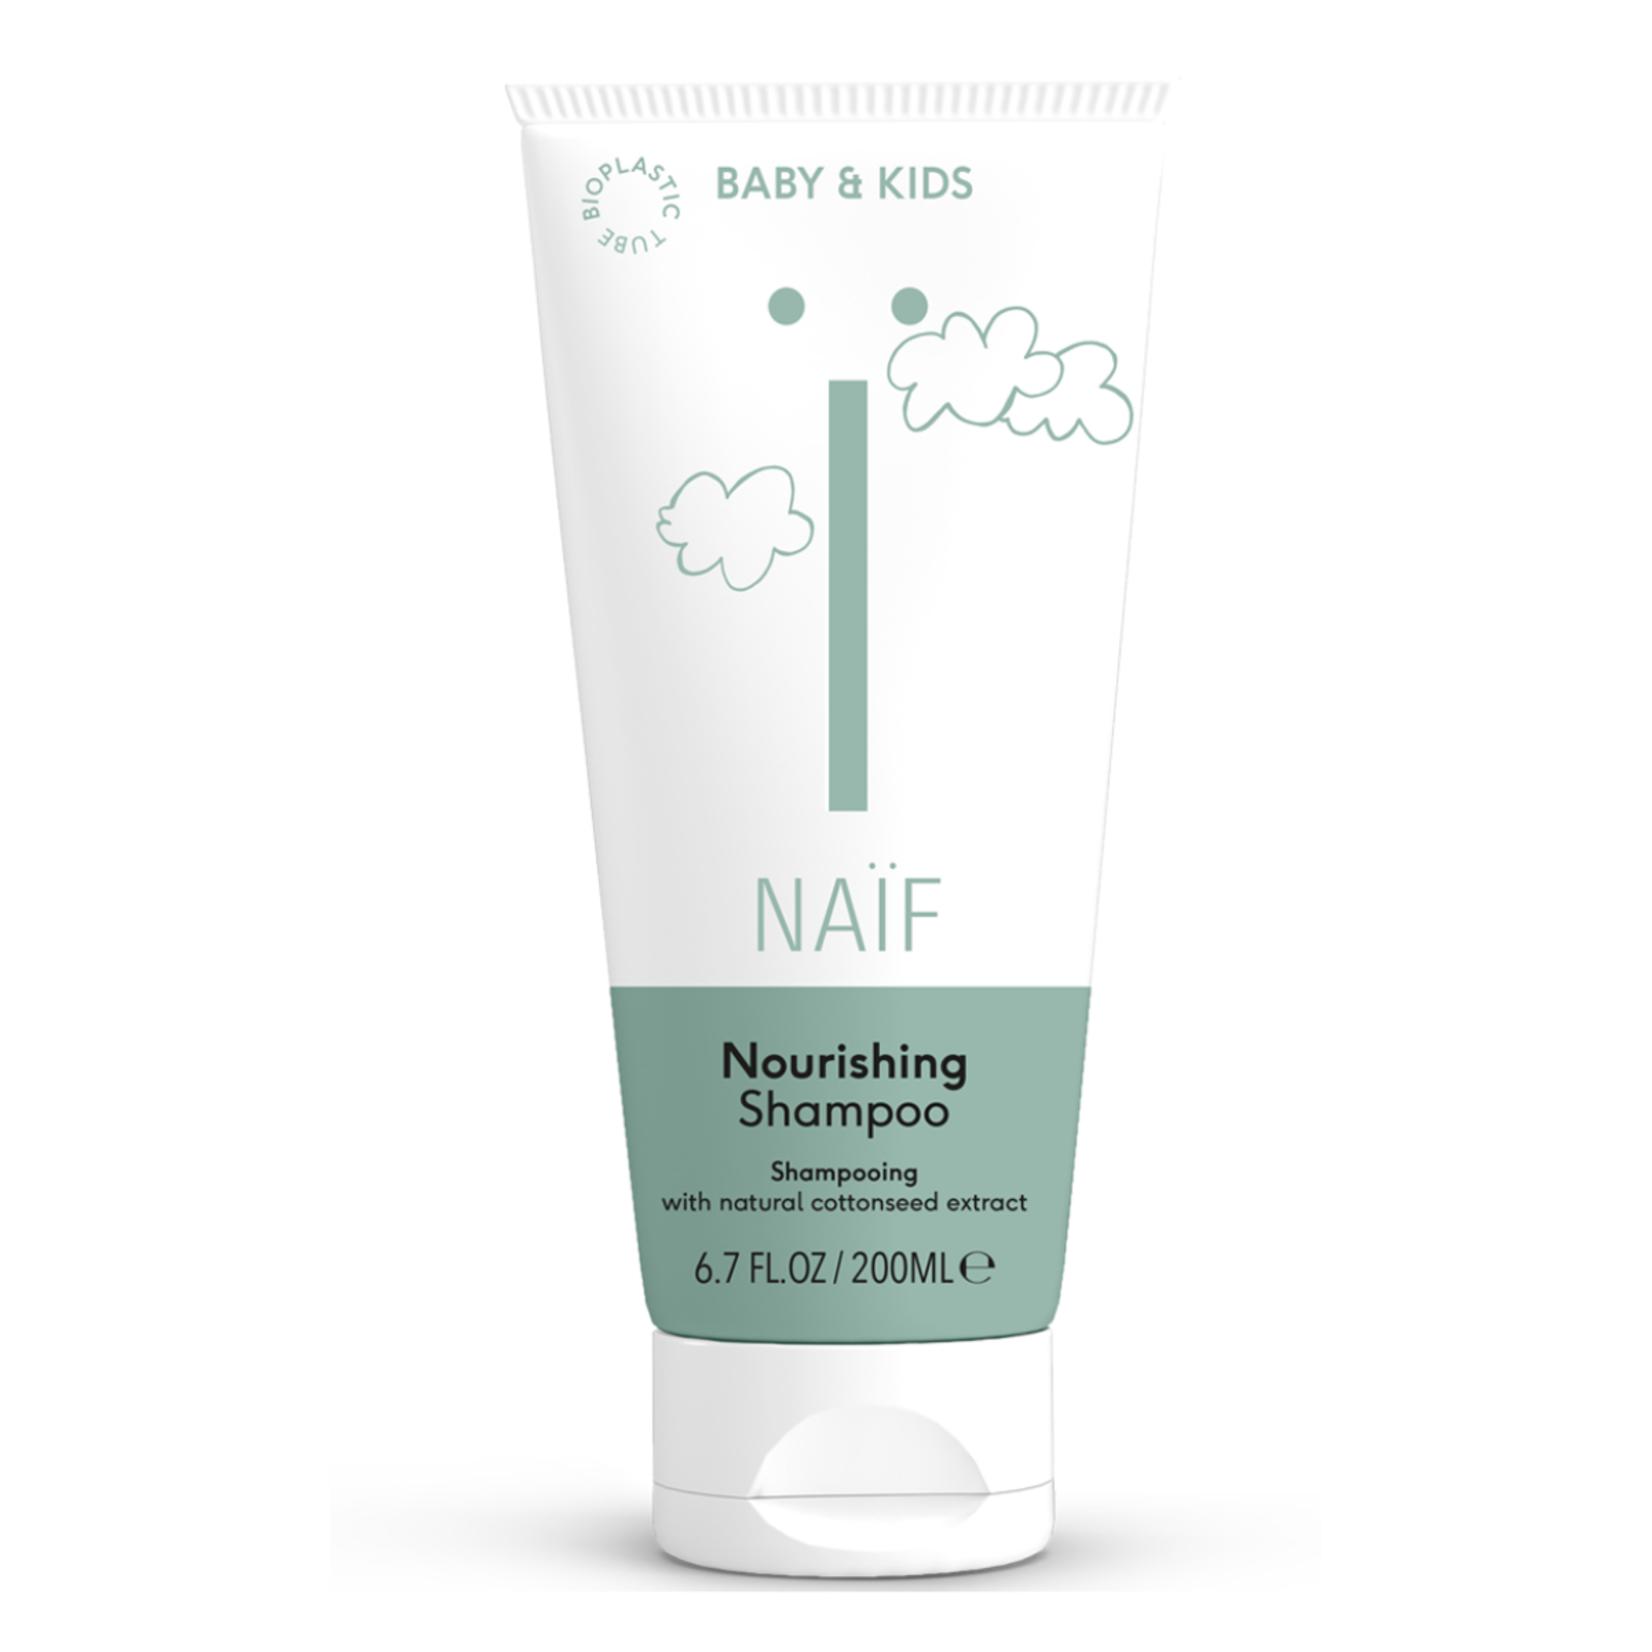 Naïf Voedende shampoo baby & kids (200ml)